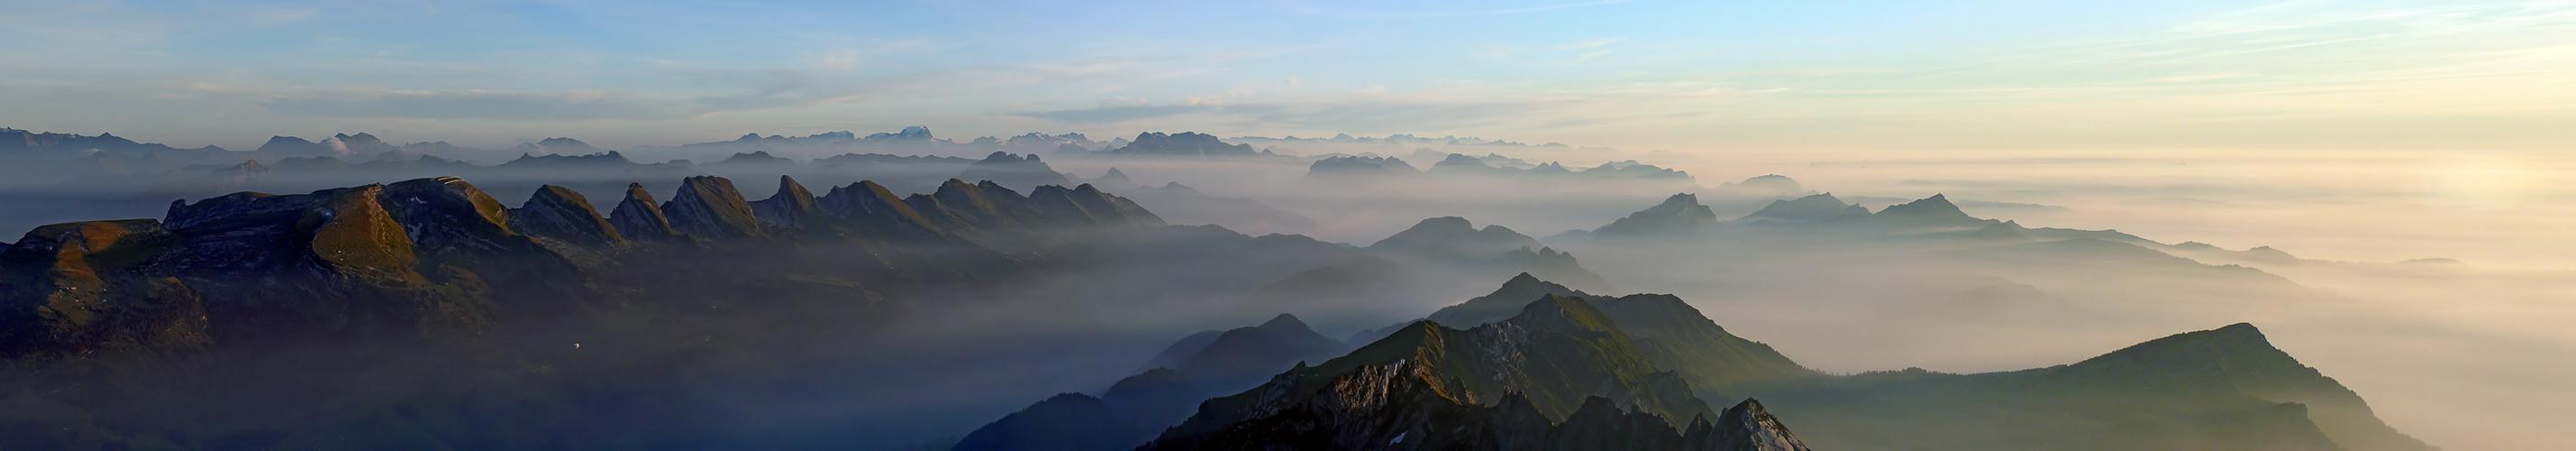 Alles schwankt ins Ungewisse, Nebel schleichen in die Höh ....